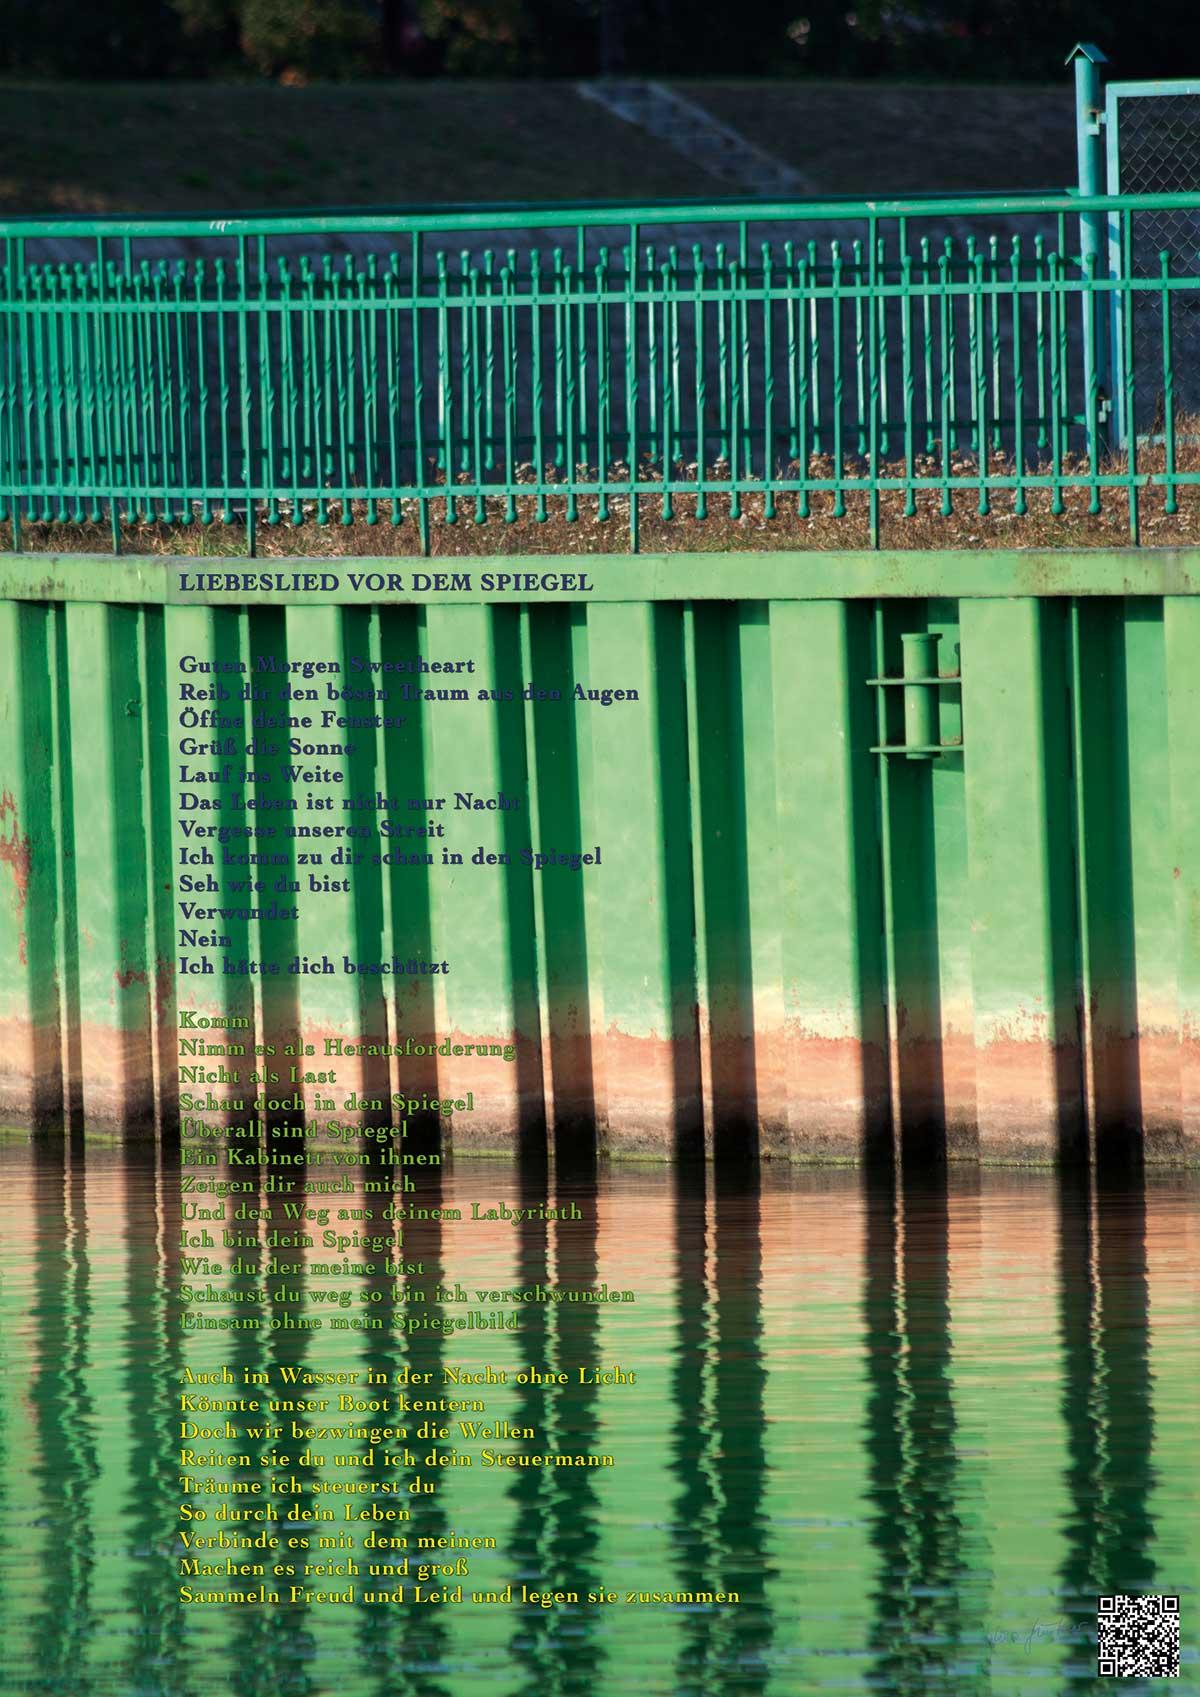 Soundpics: 49 Liebeslied vor dem Spiegel